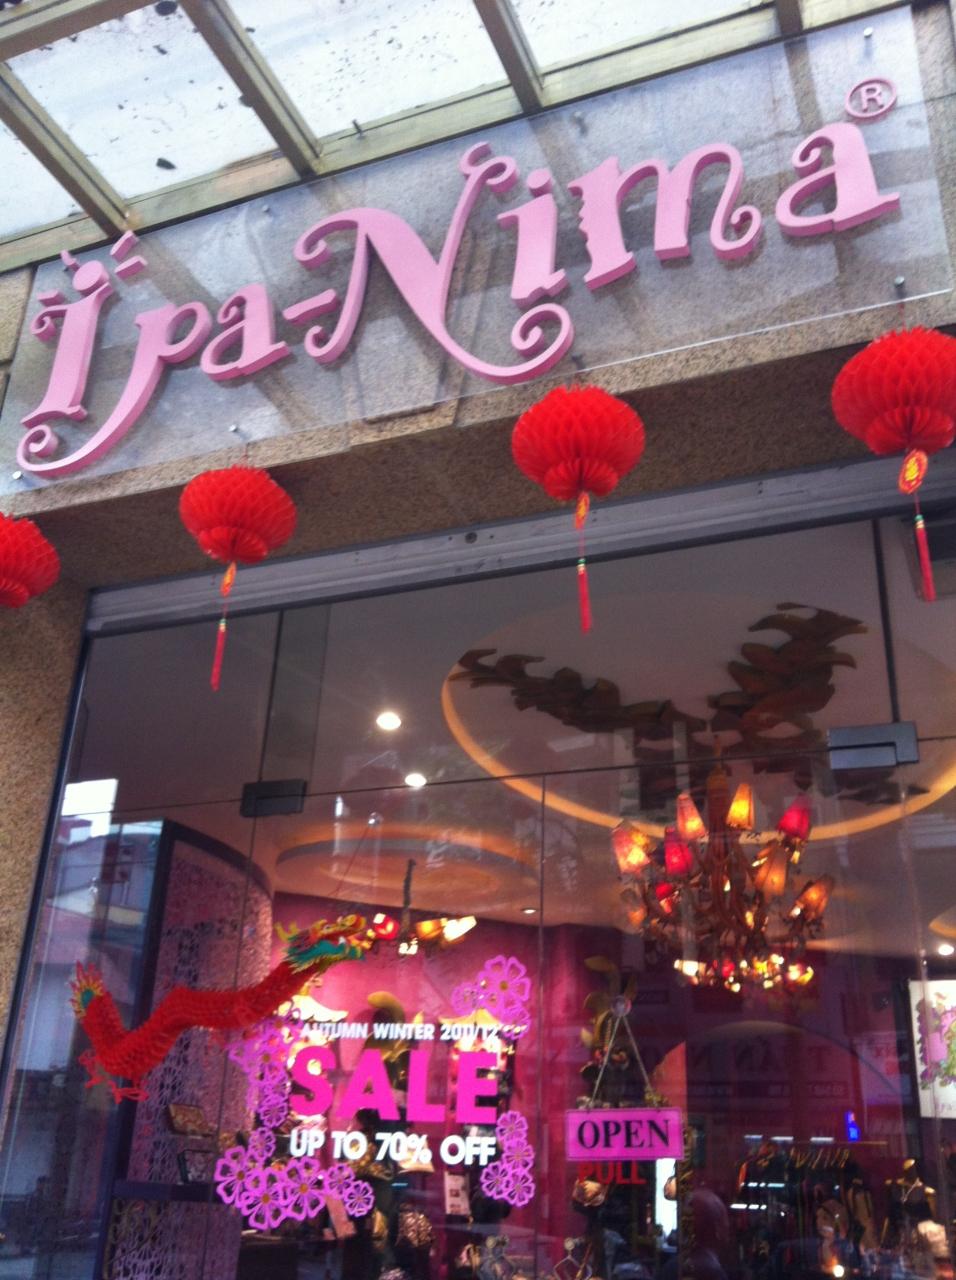 『Ipa-Nima イパニマ ベトナム土産 ファッション バッグ』by BO/M ...